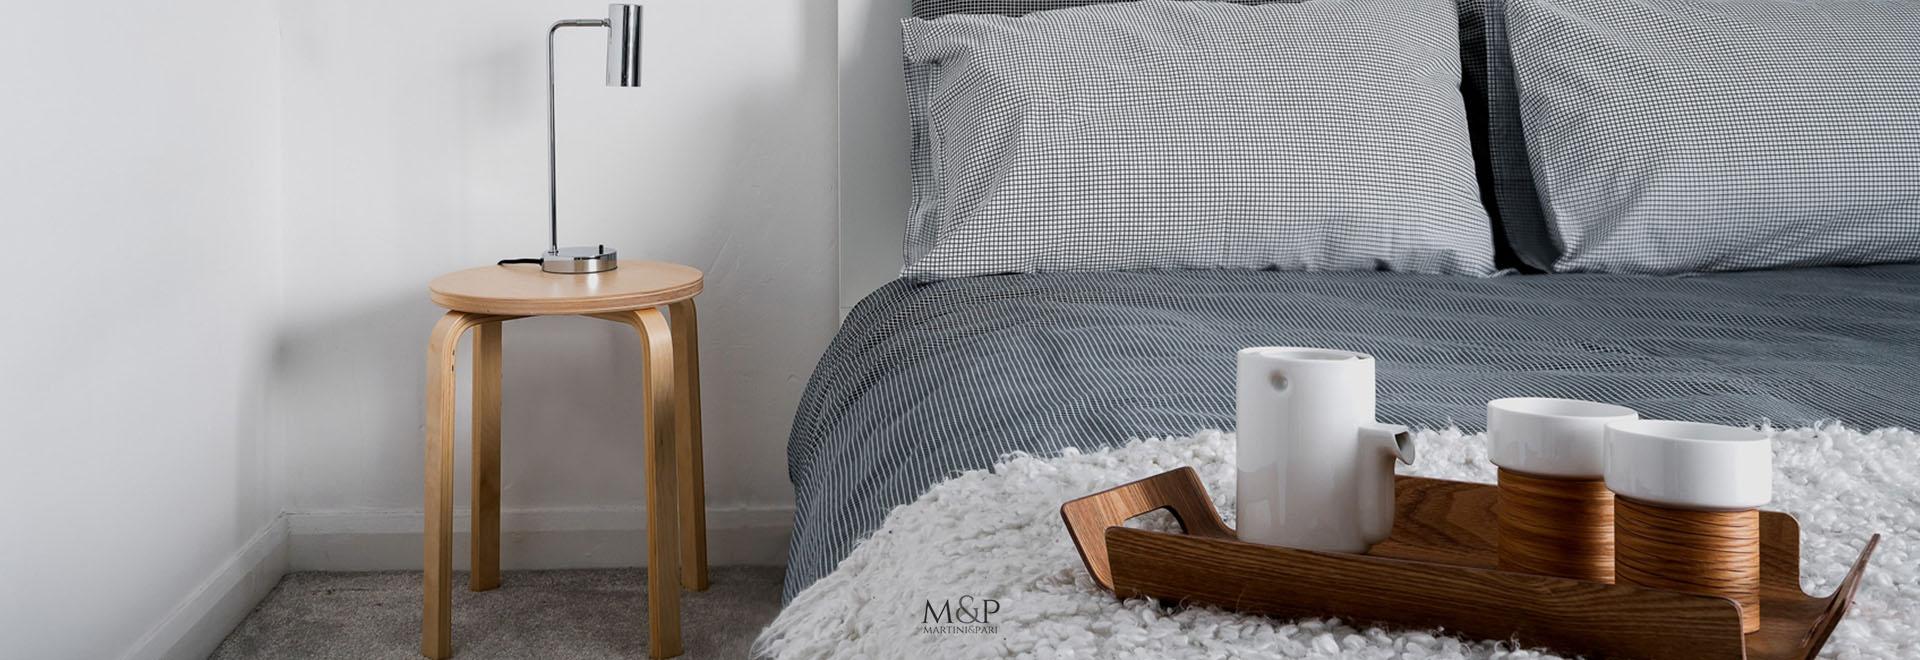 biancheria da letto per b&b agriturismi